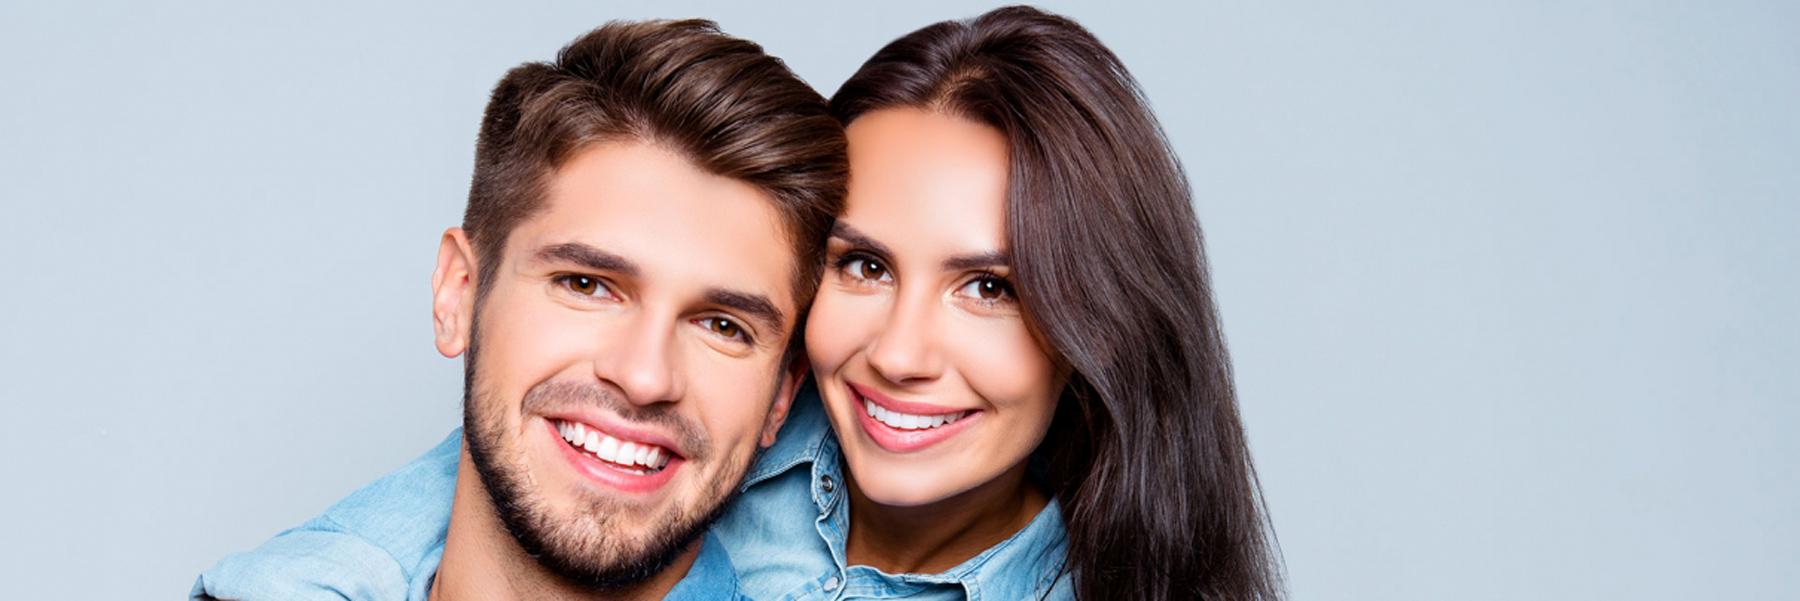 دندانپزشکی دکتر فرشاد نیک نژاد best tooth